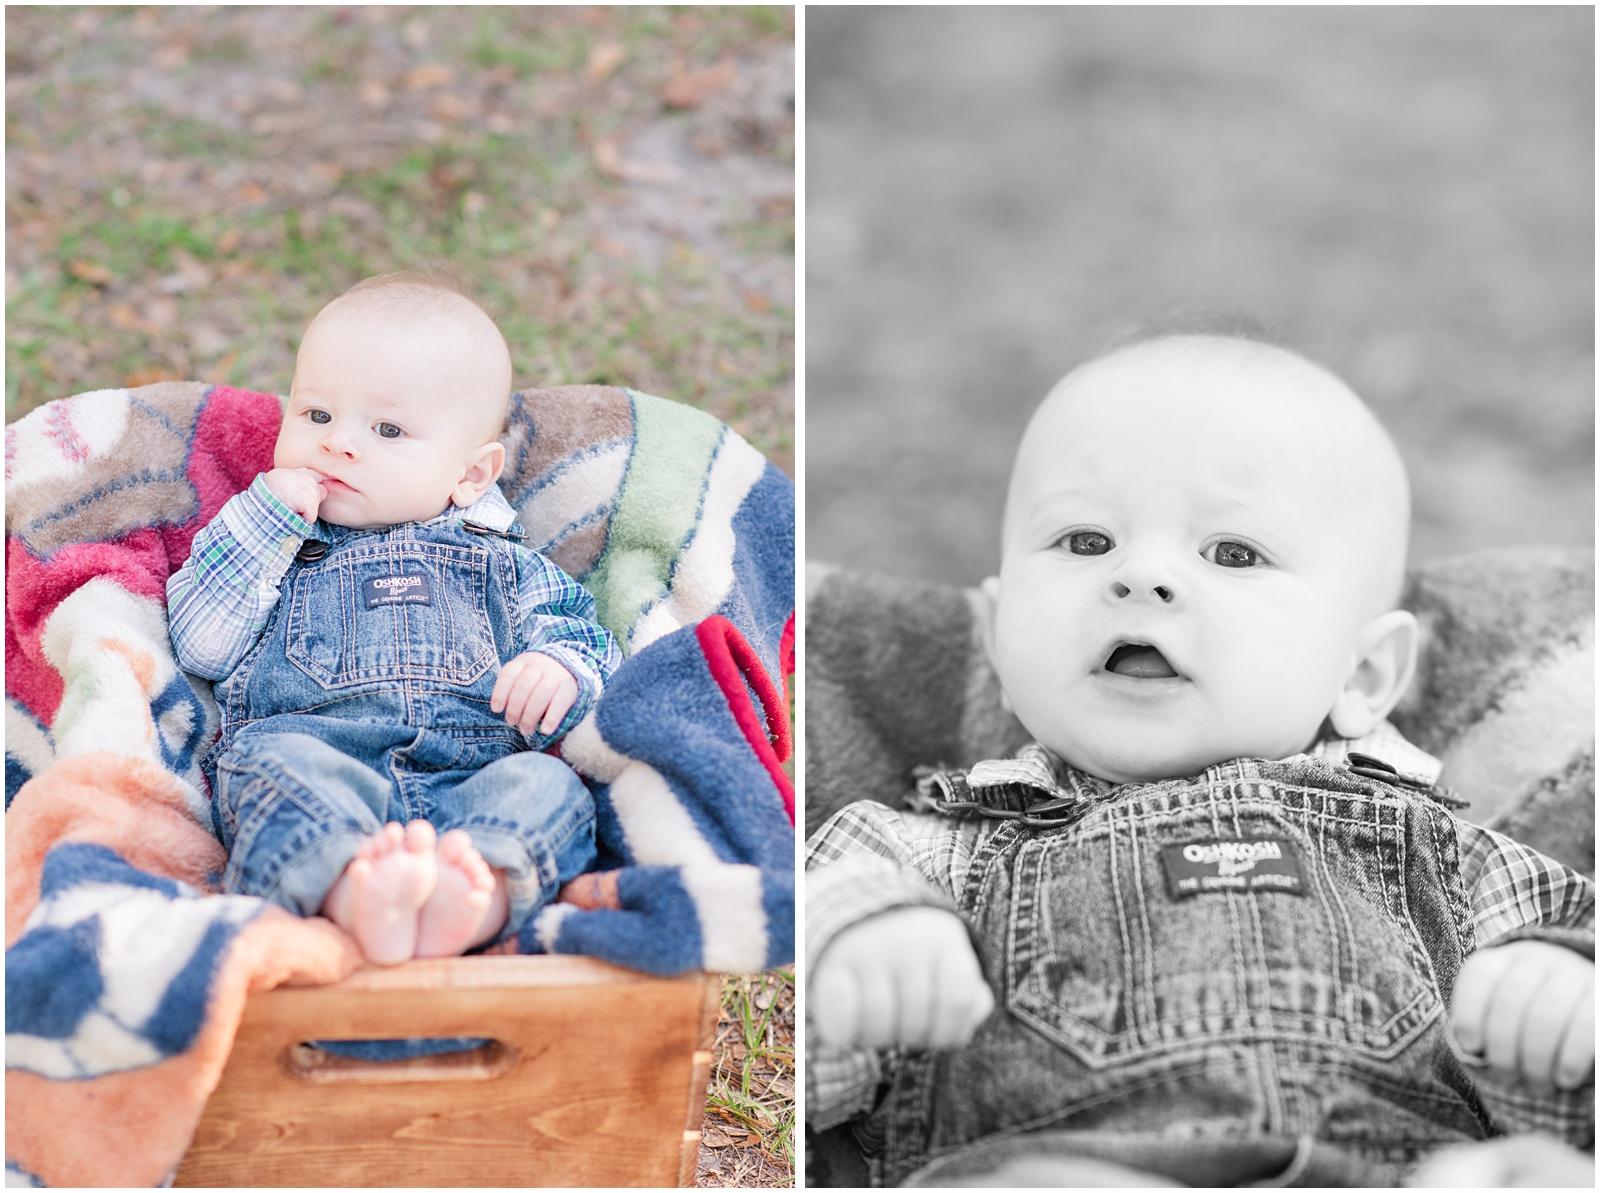 Newborn_Portraits_3 Months_Baby_Alpine Groves Park_8.jpg